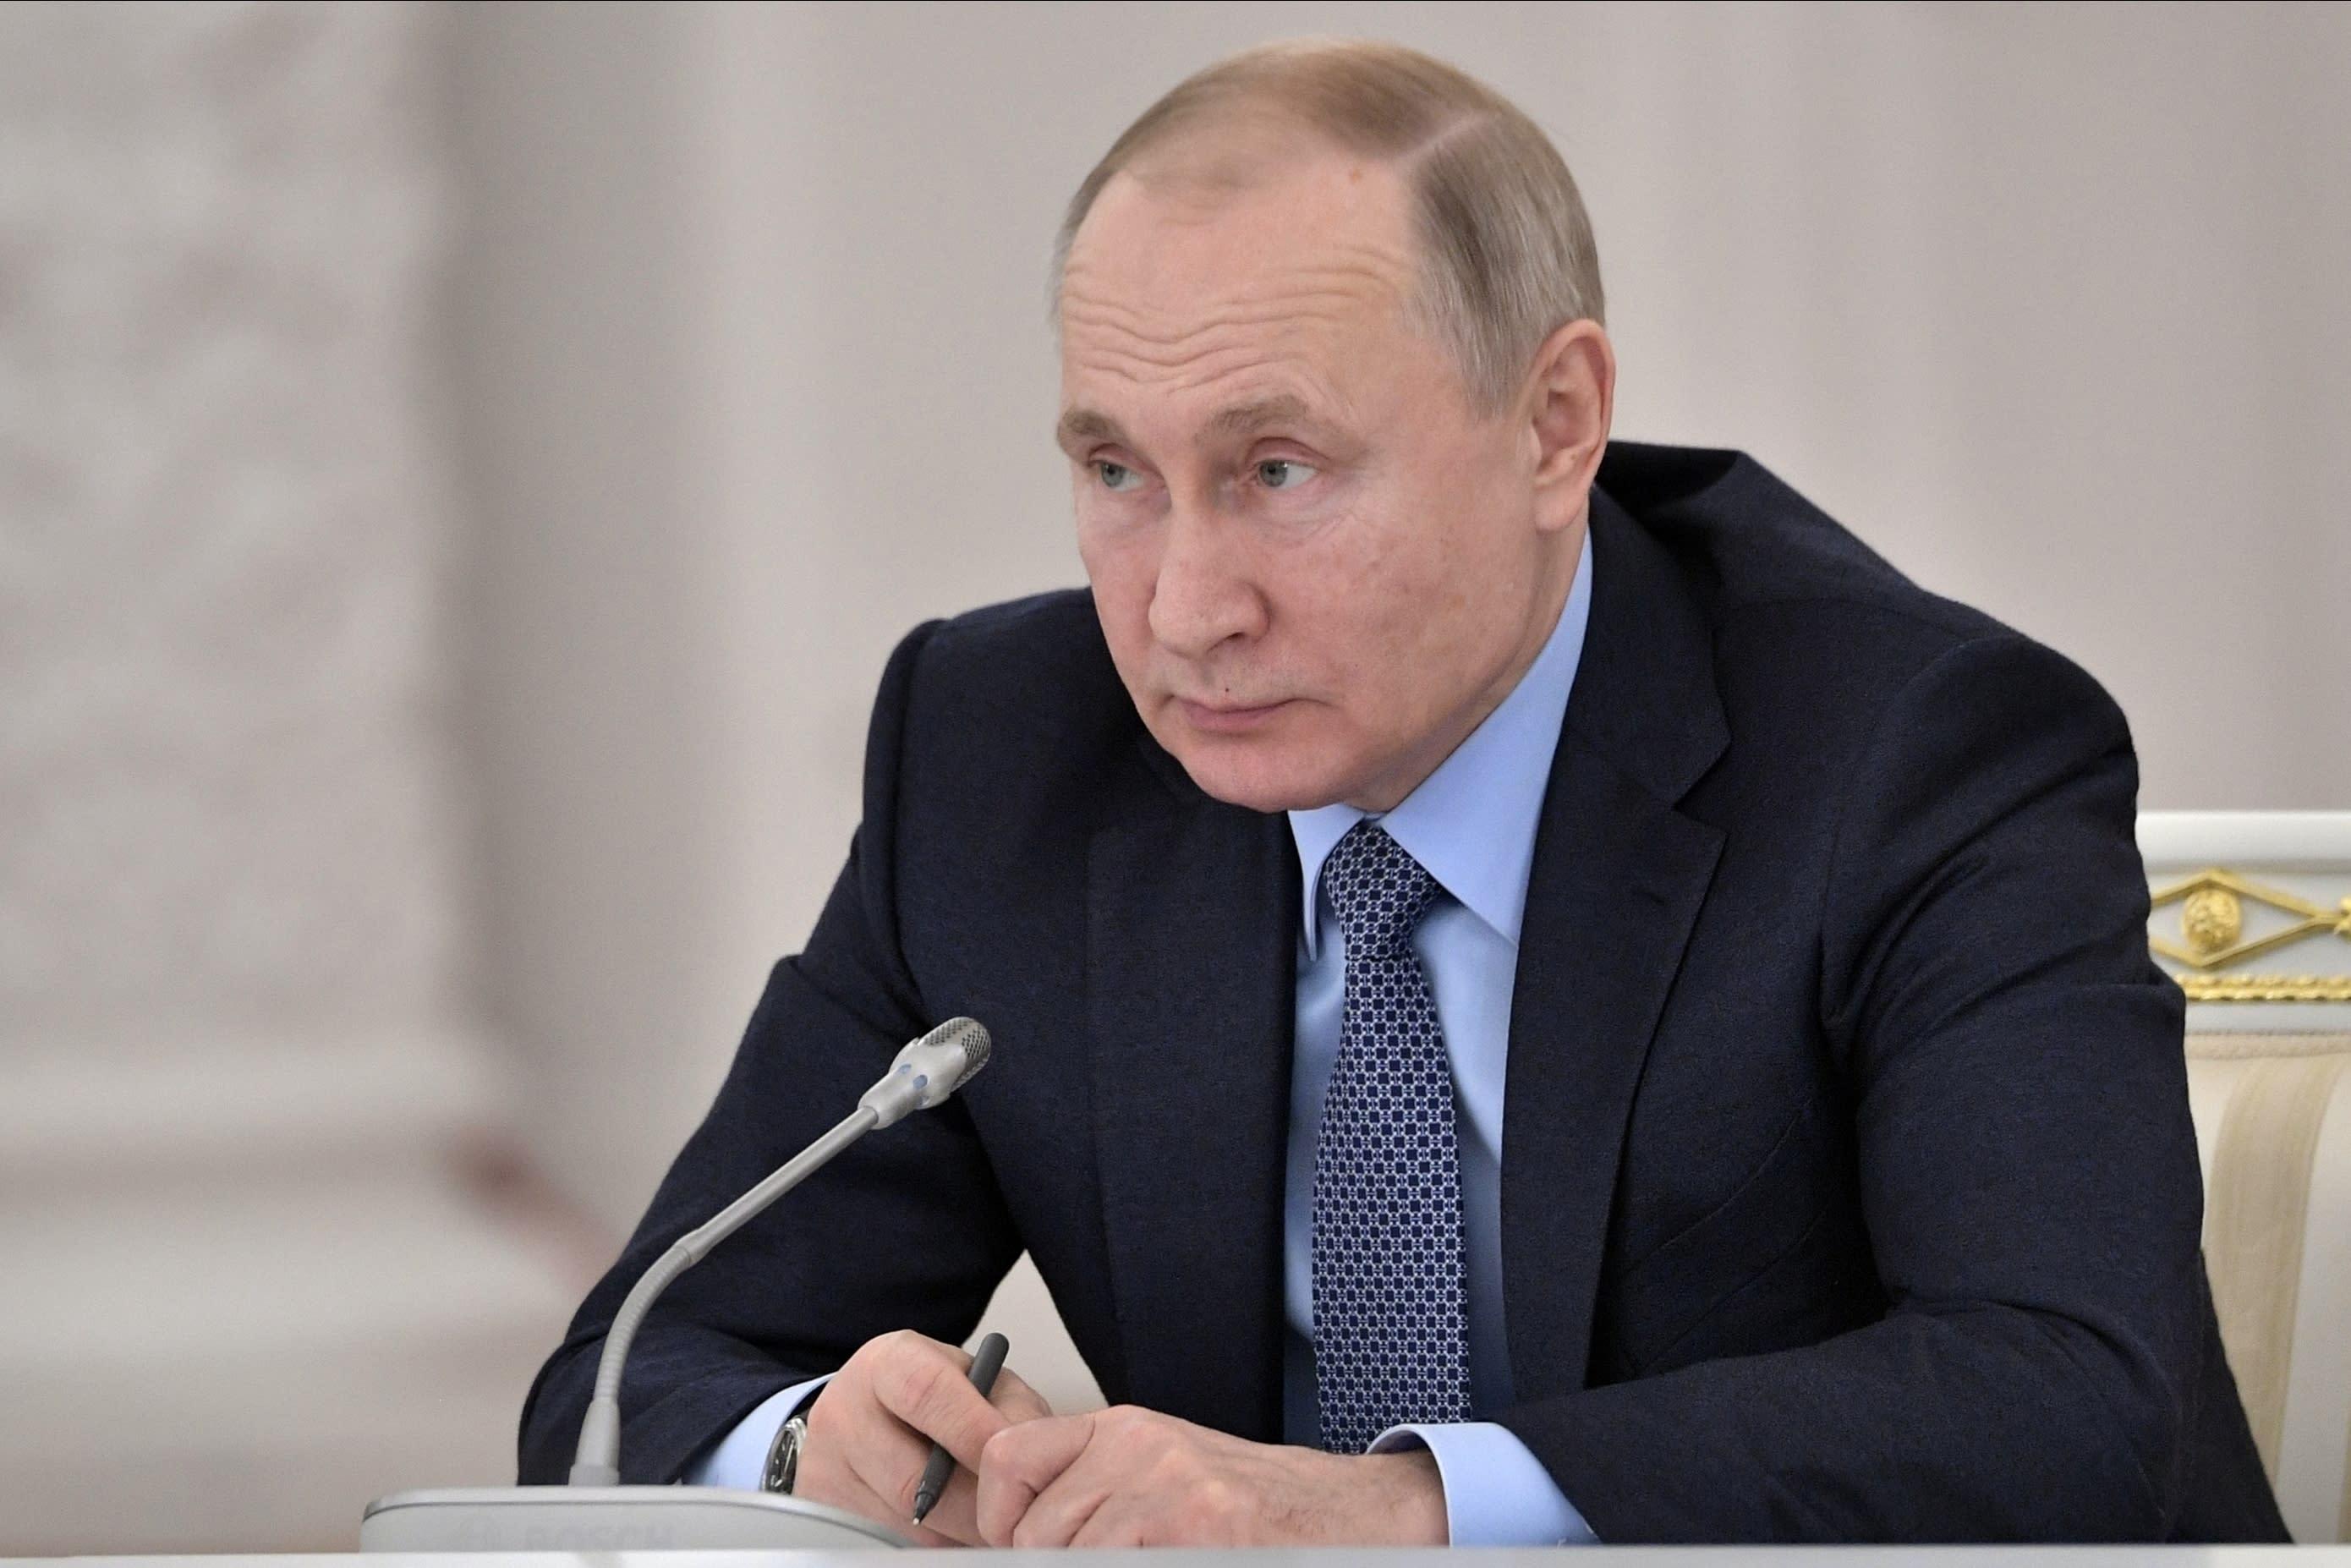 El presidente ruso Vladimir Putin en el Kremlin en Moscú el 26 de diciembre del 2019. . (Alexei Nikolsky, Sputnik, Kremlin Pool Photo via AP)